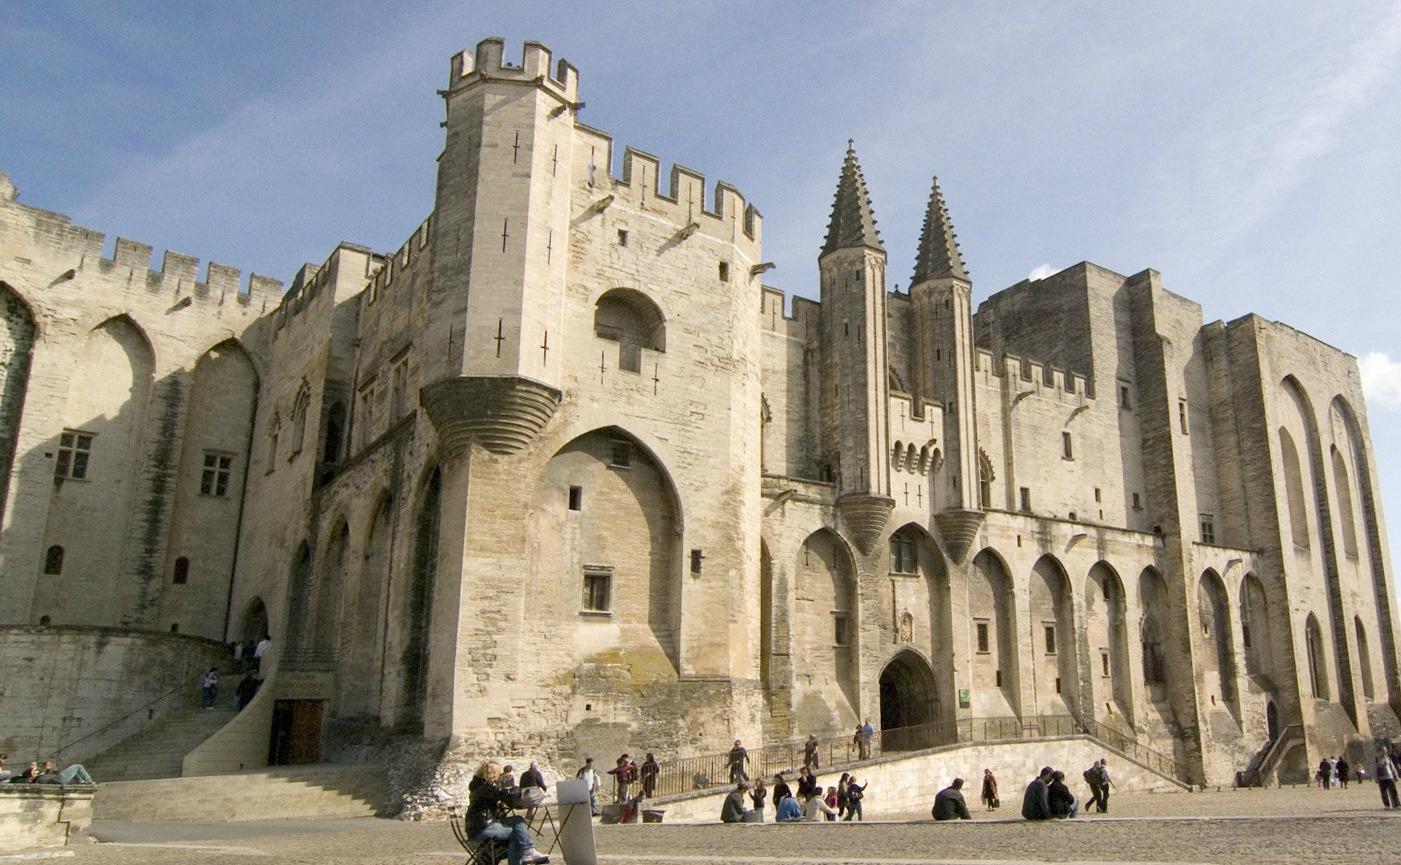 Le Palais des papes à Avignon (C.Rodde)